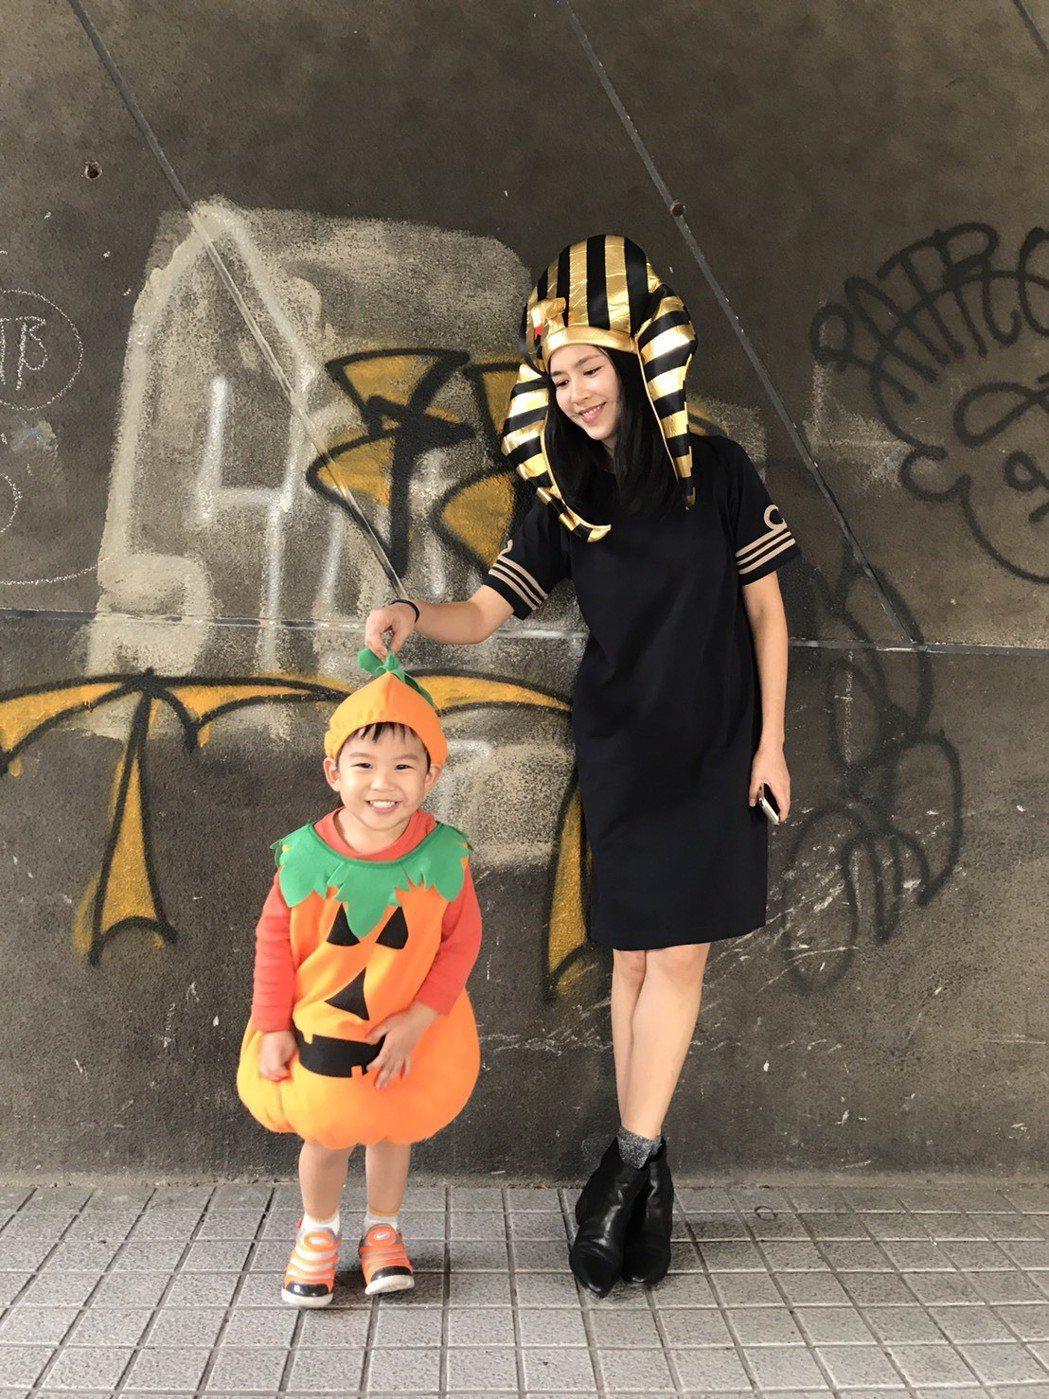 張家慧幫兒子穿上超萌南瓜裝。圖/周子娛樂提供